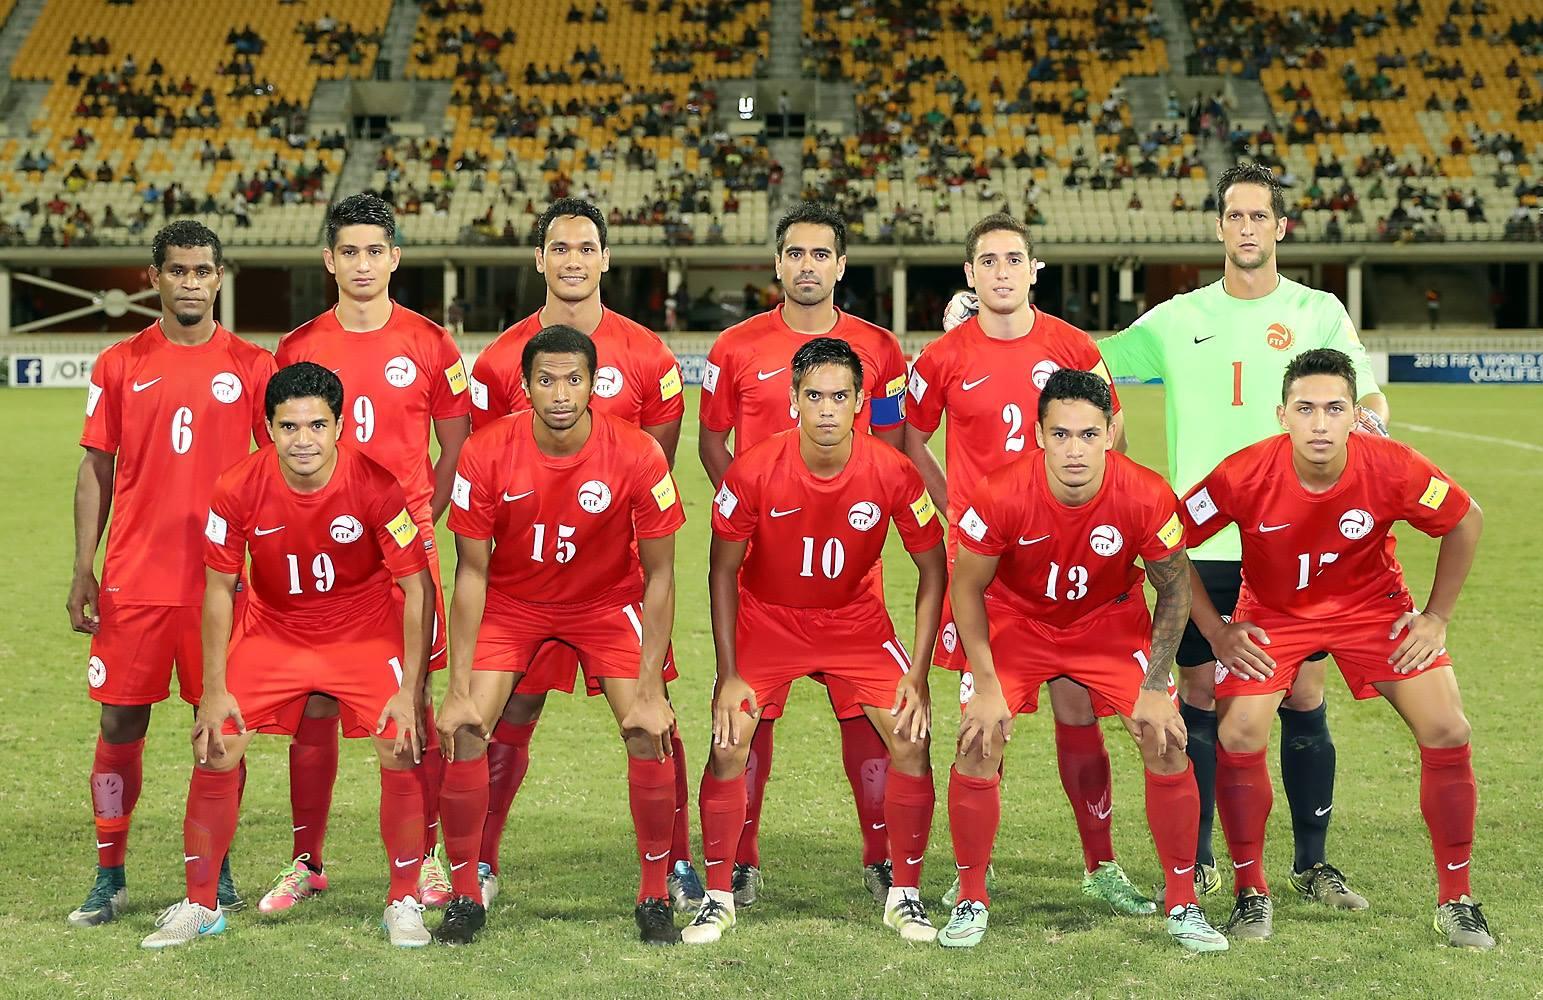 Raimana Li Fung Kuee ne faisait pas partie de la sélection mais les rouges ont bien géré leur premier match